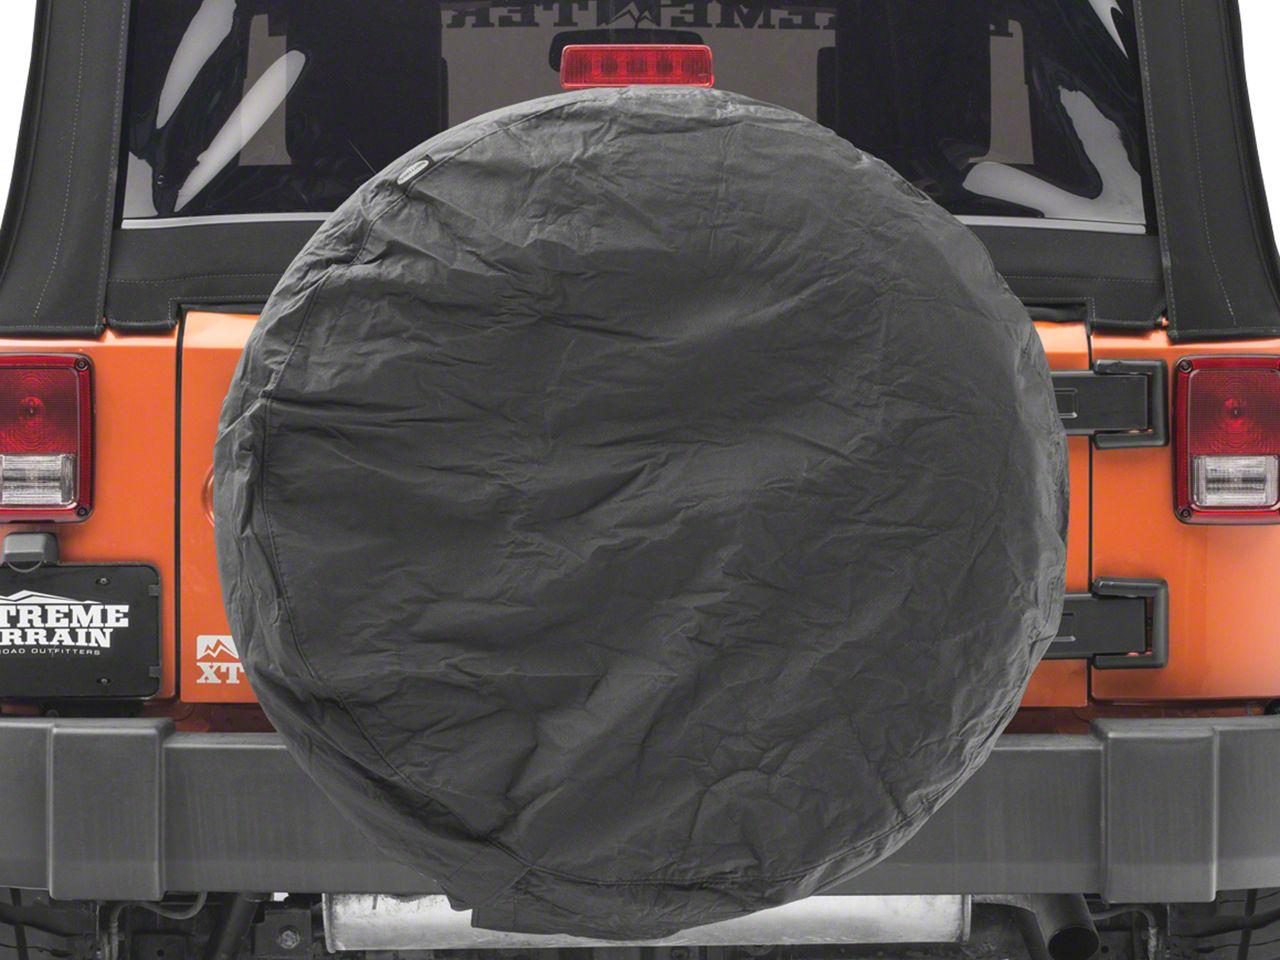 Smittybilt 36-37 in. Spare Tire Cover - Black Diamond (87-19 Jeep Wrangler YJ, TJ, JK & JL)